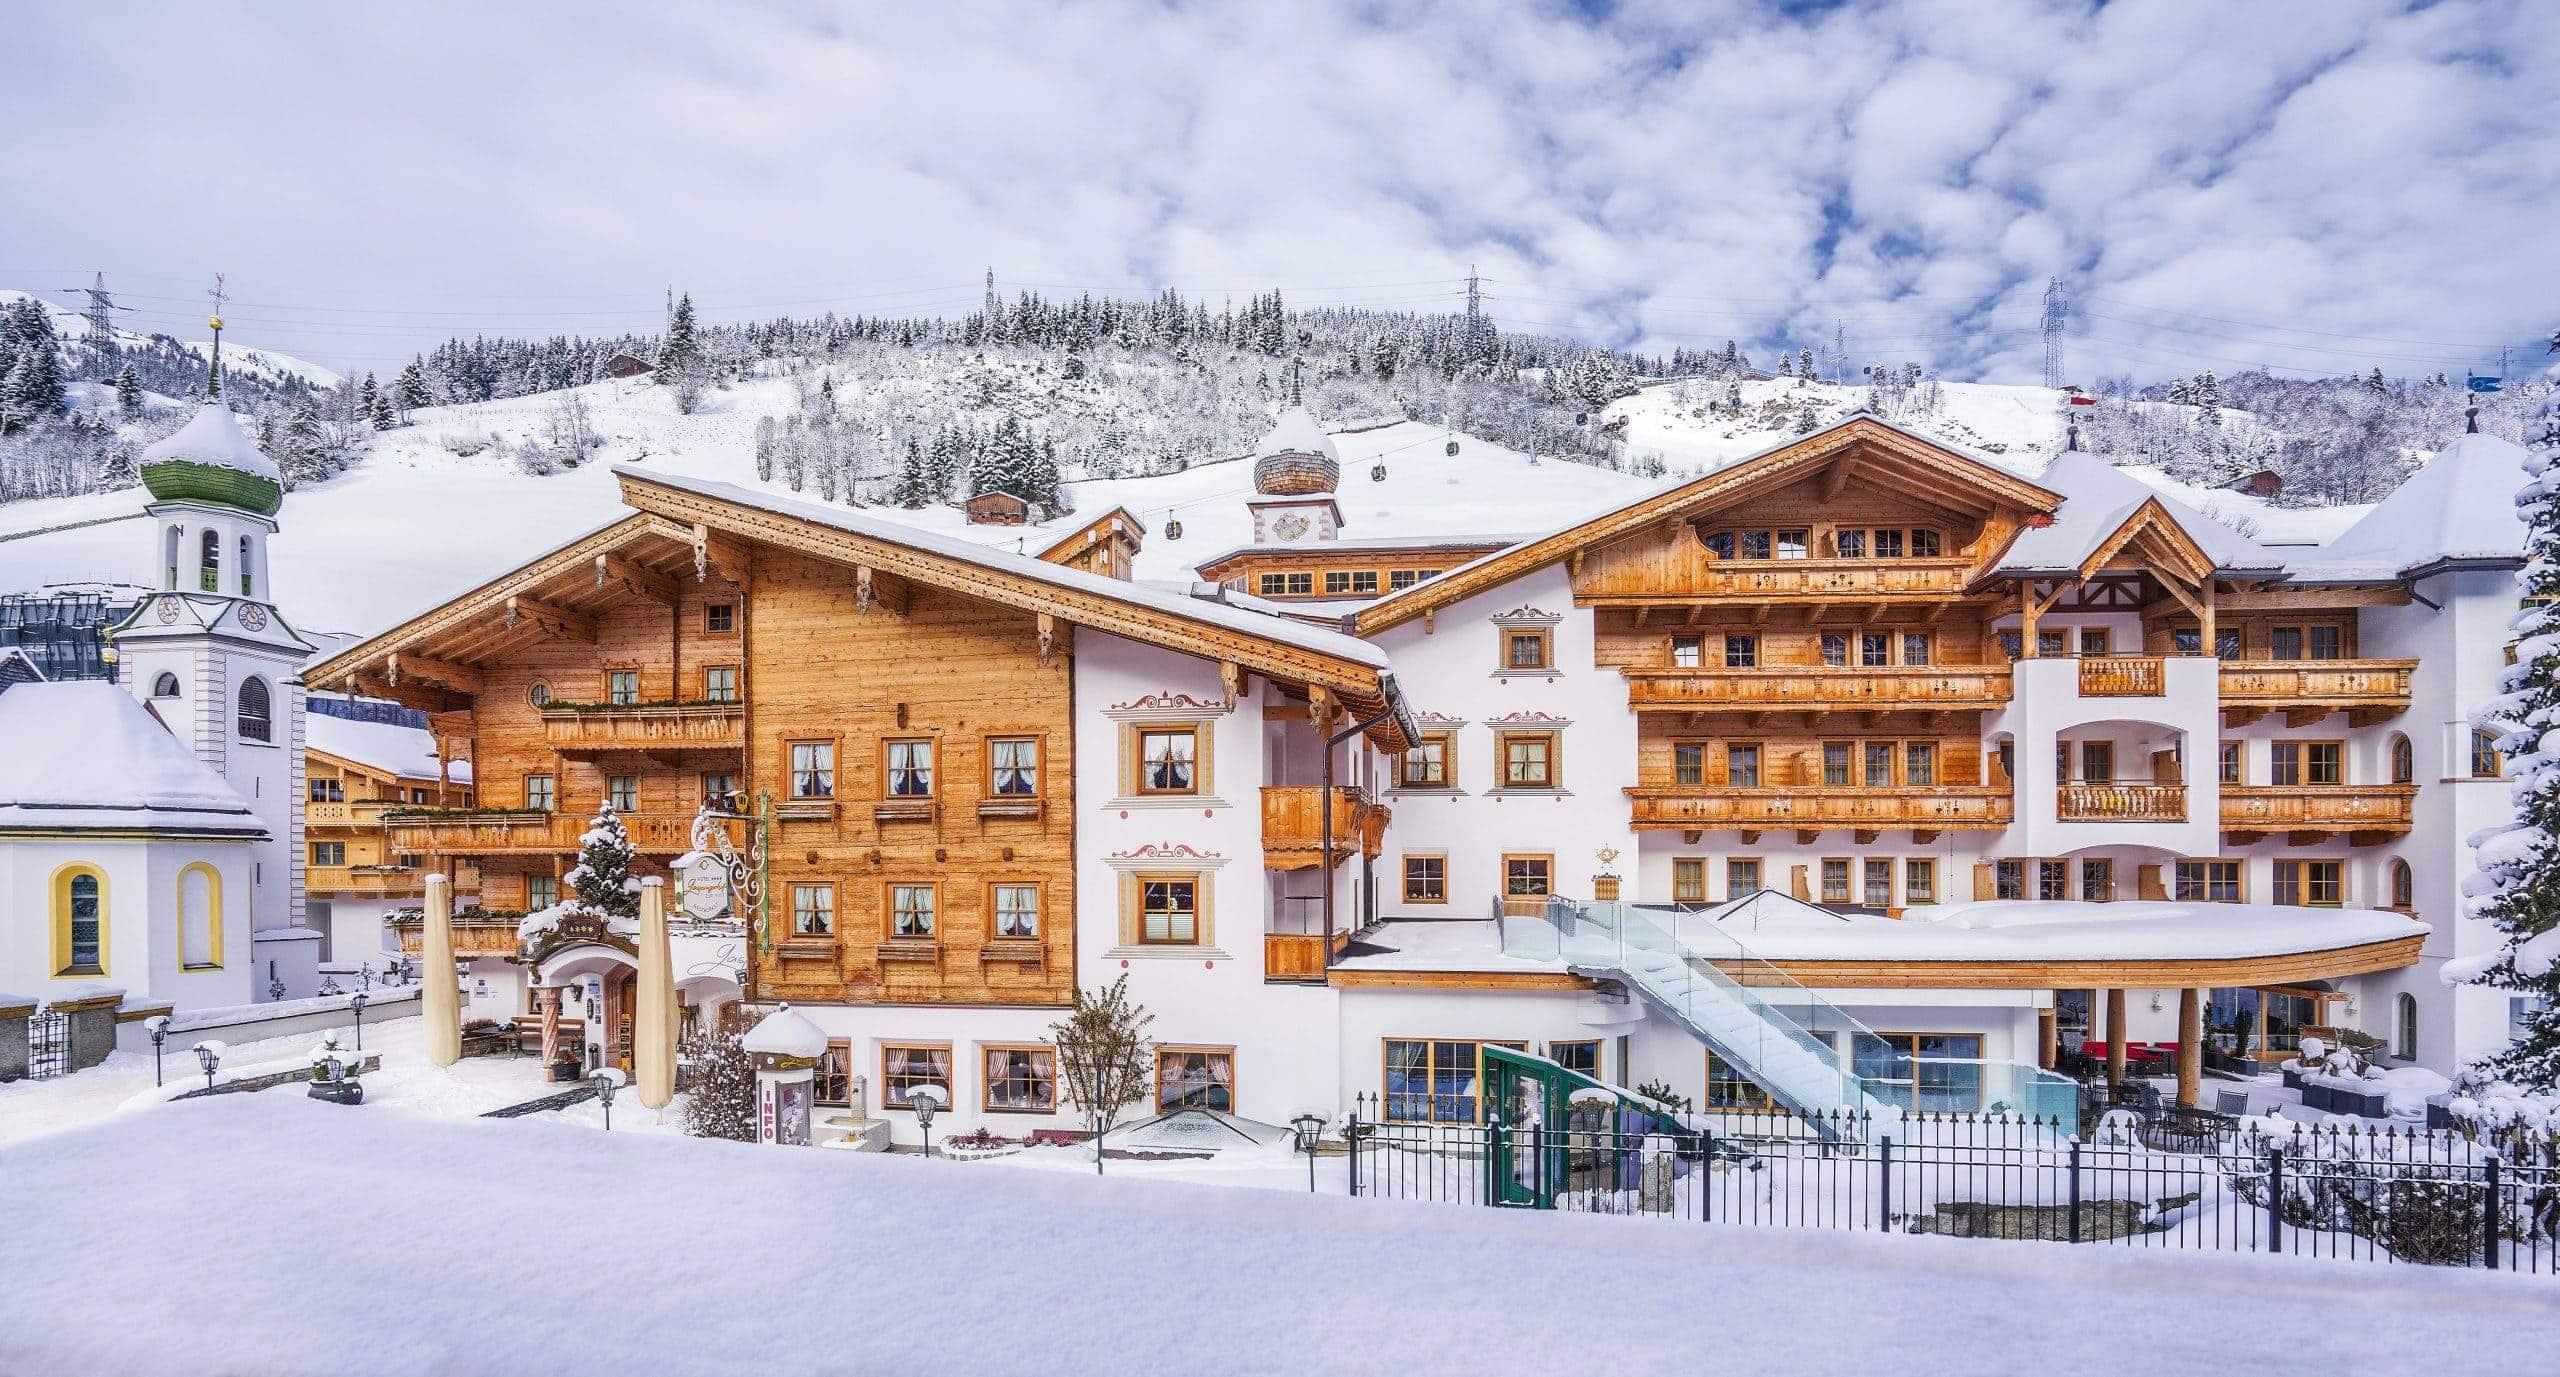 gaspingerhof aussenansicht winter hotel scaled